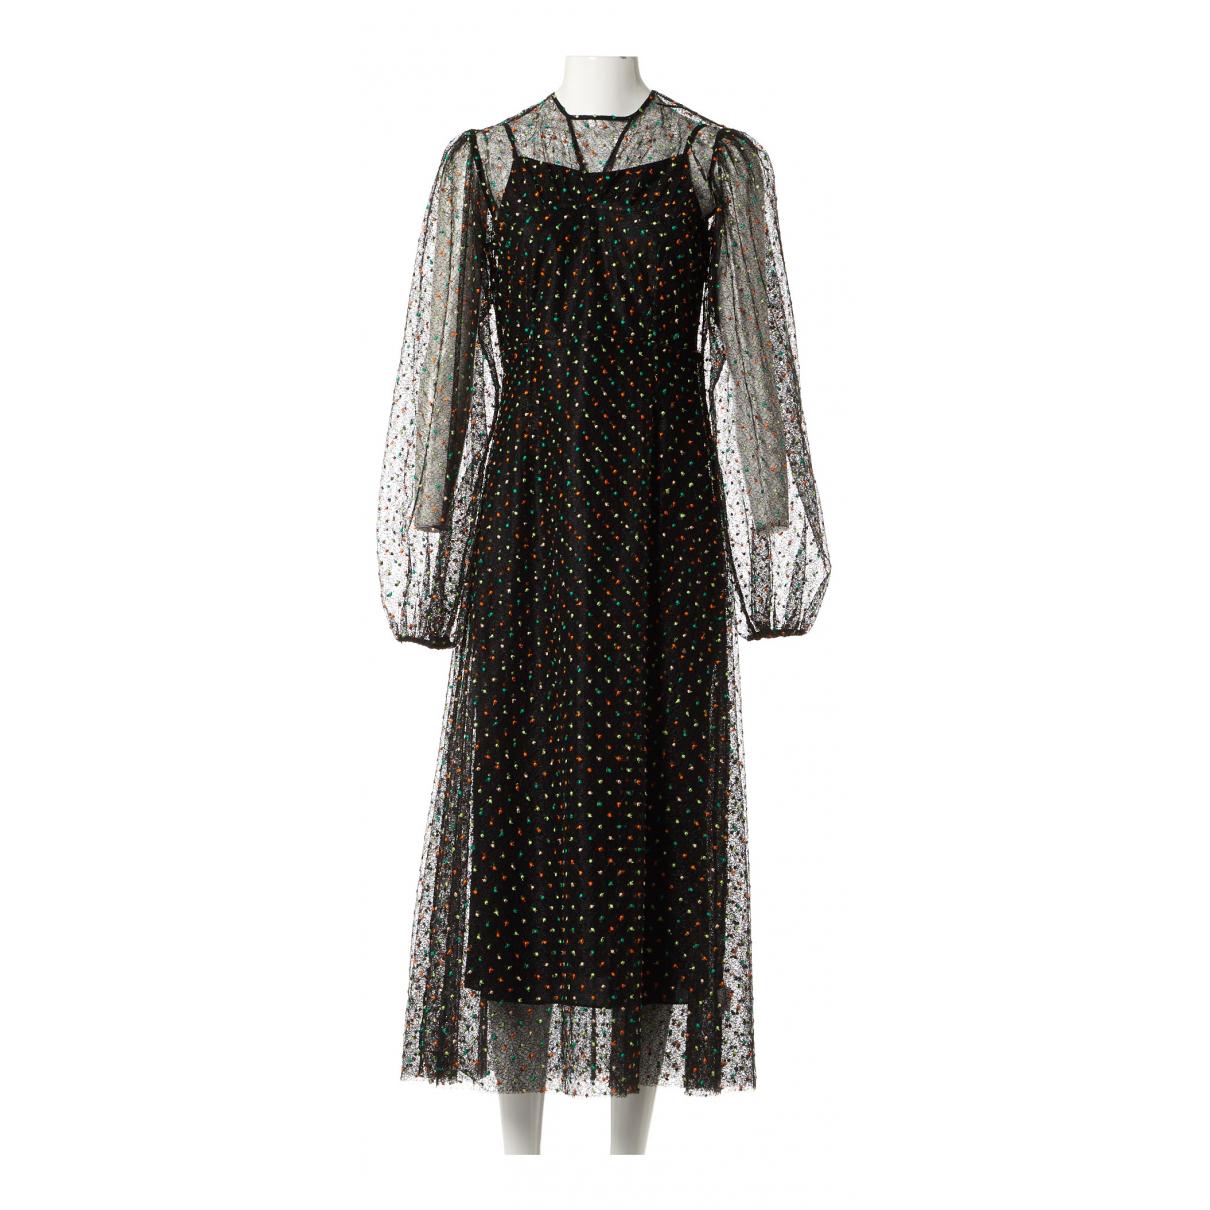 Emilia Wickstead N Black dress for Women 10 UK